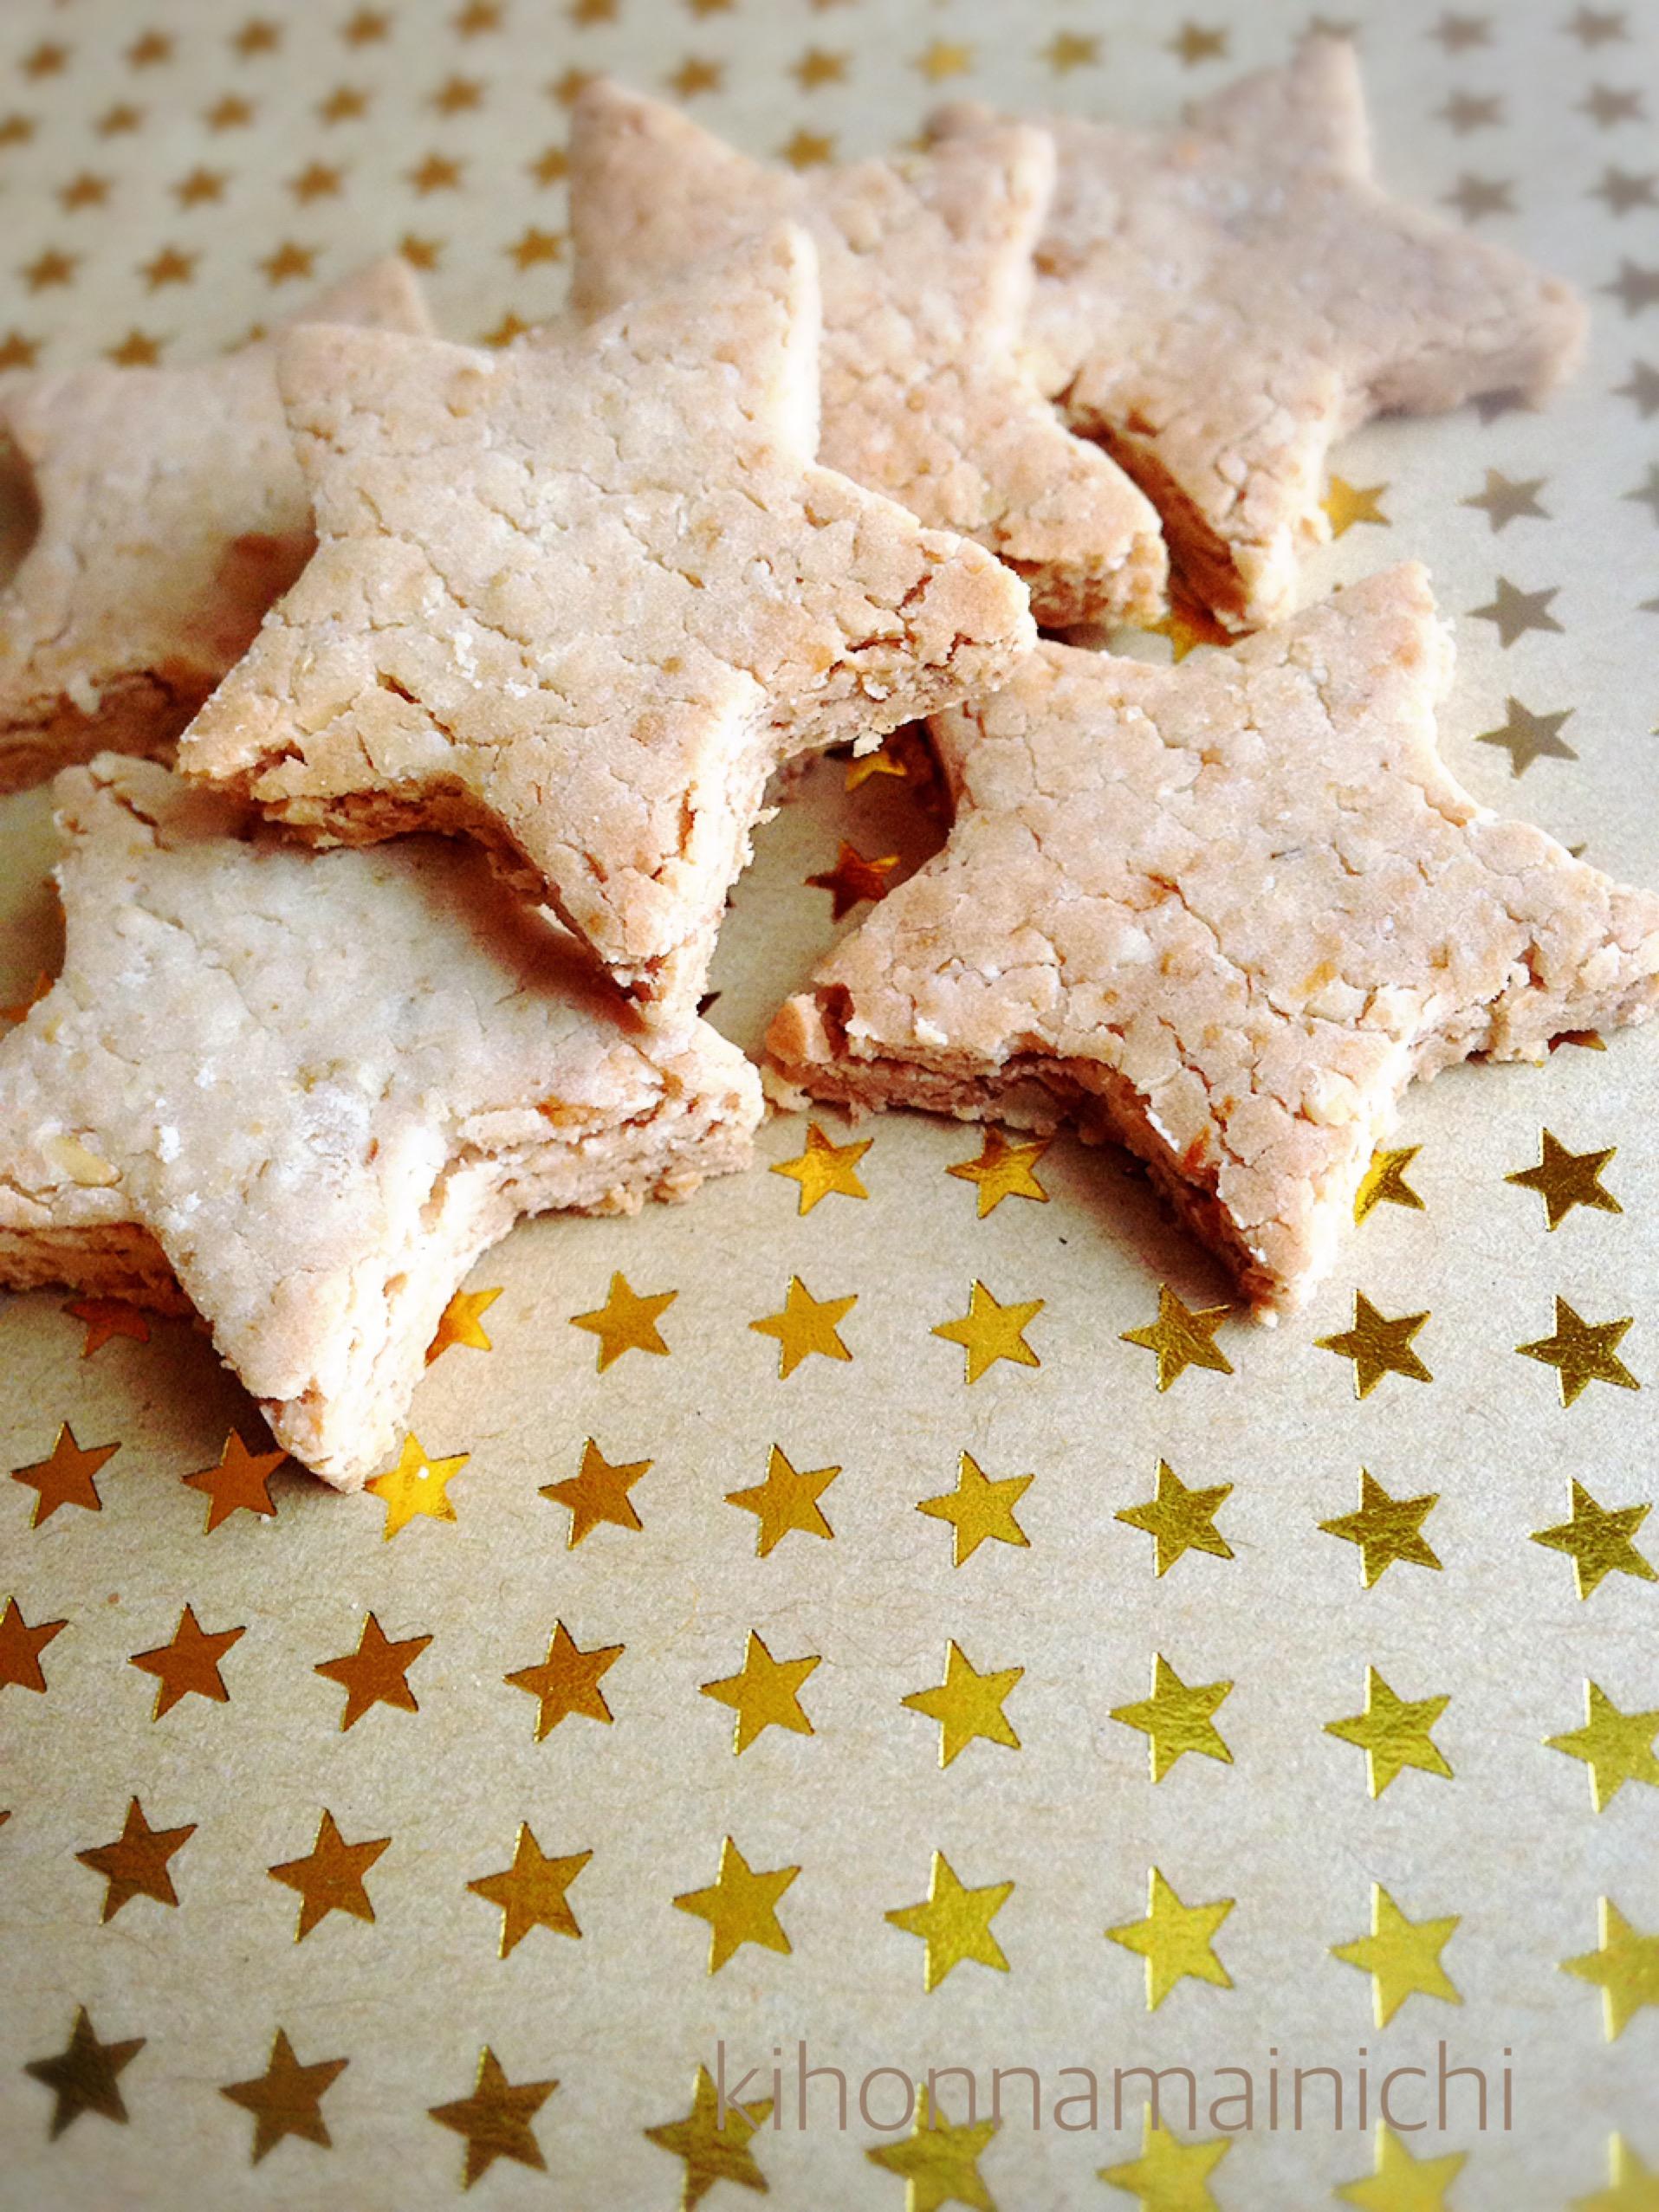 一般の方への手土産にもいい感じのグルテンフリーな米粉クッキーが順調に仕上がってきております!!